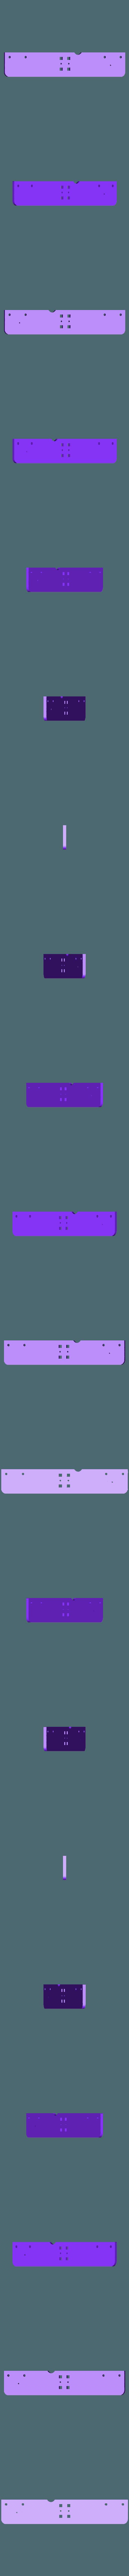 NCS_Makerfarm_Y_idler_mount.stl Download free STL file NCS P3-v Steel to Makerfarm 12 inch bed carriage adapter kit • 3D printing design, trentjw